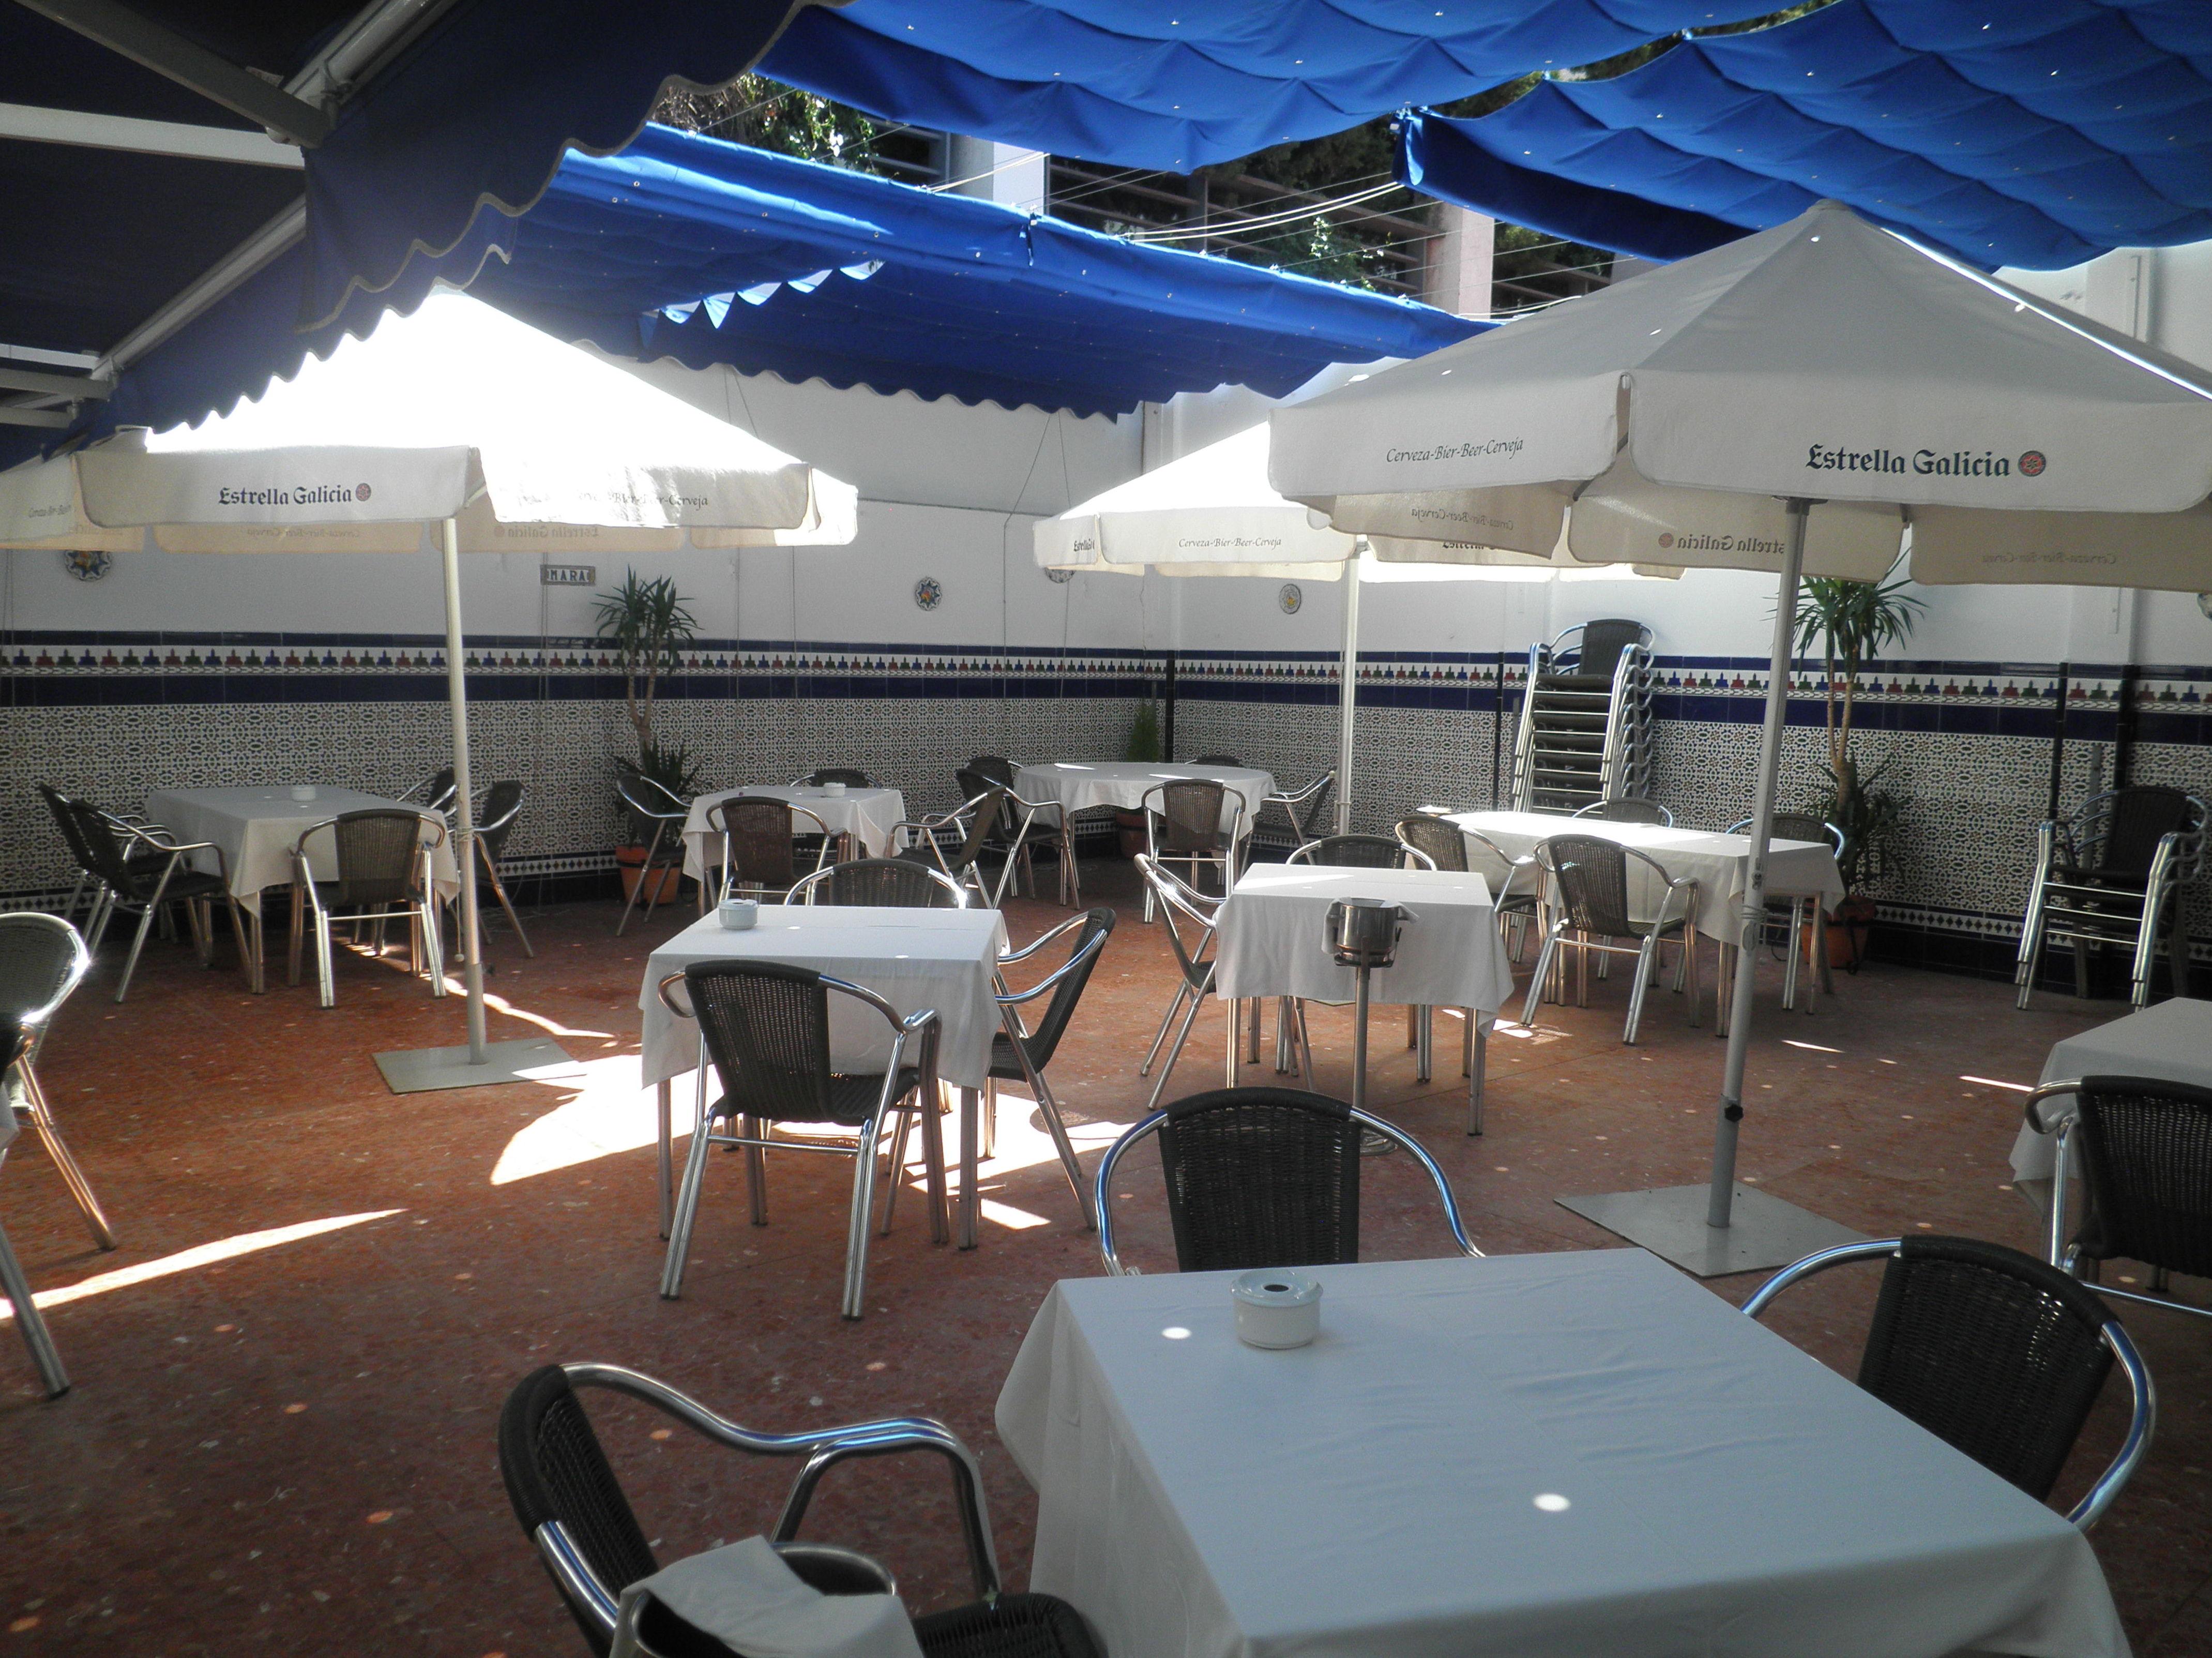 Foto 22 de Cocina andaluza en Sevilla | Restaurante Mara